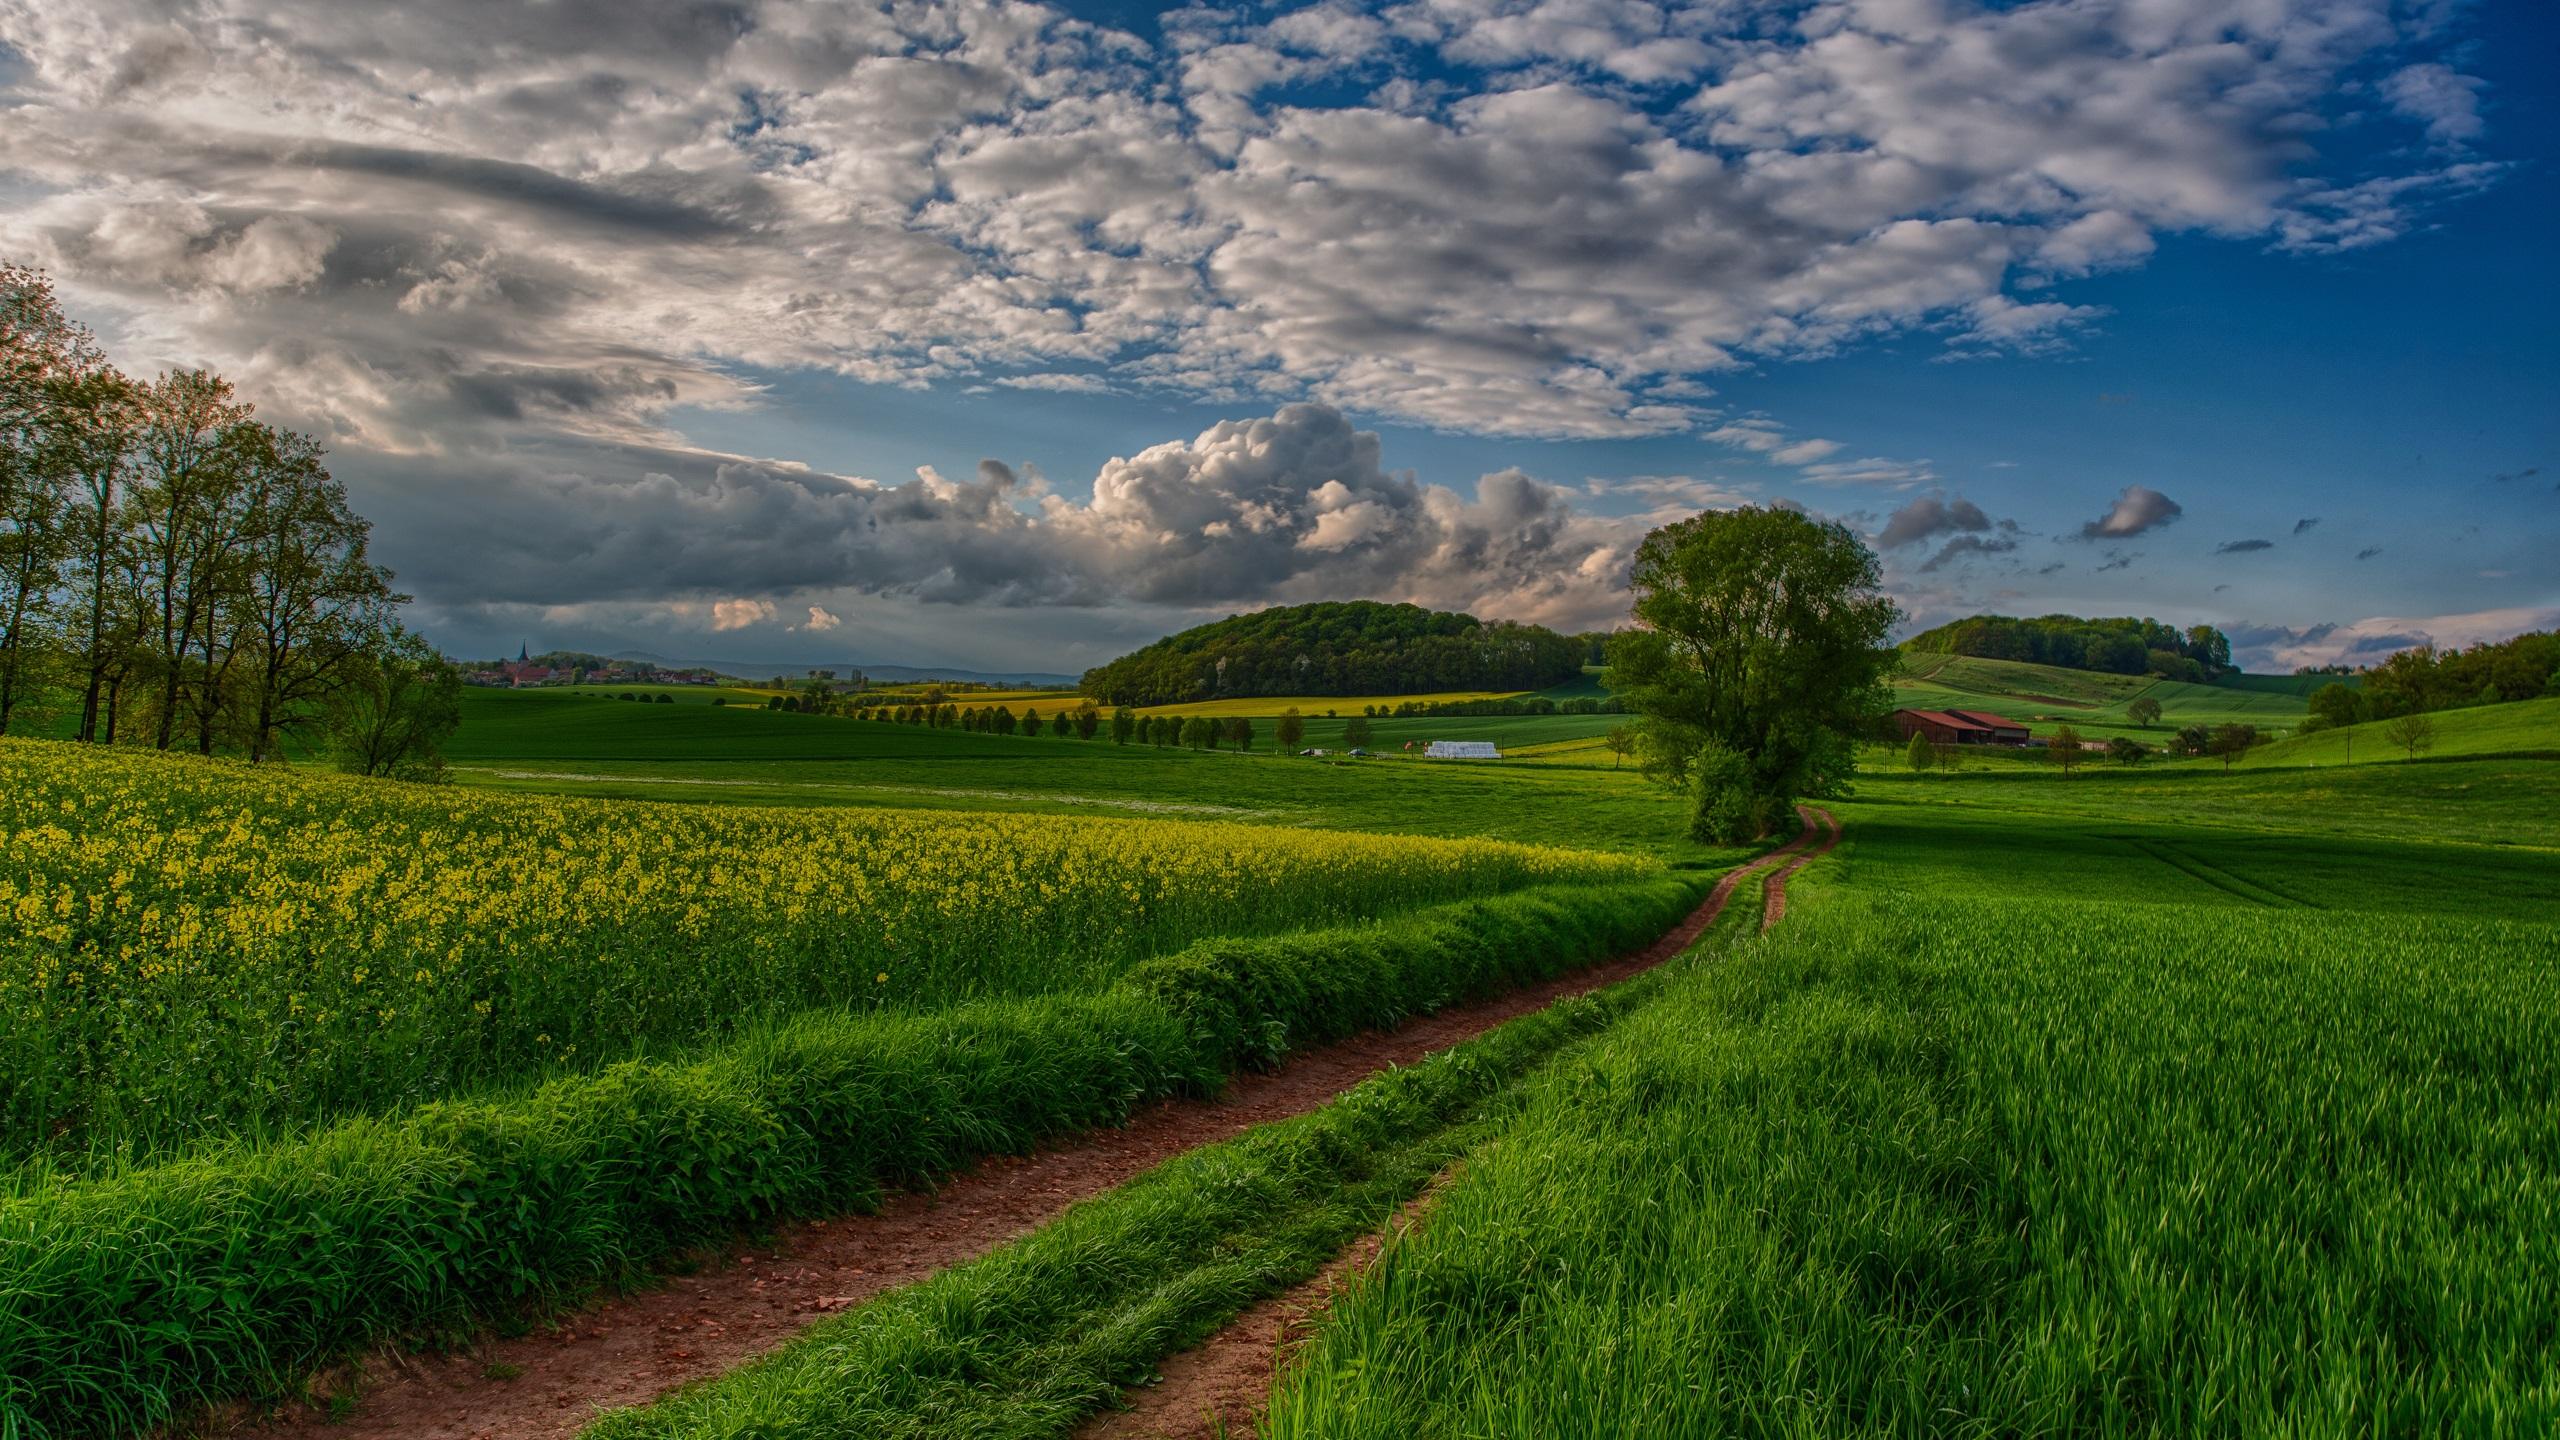 2560x1440 wallpaper landscape - photo #35